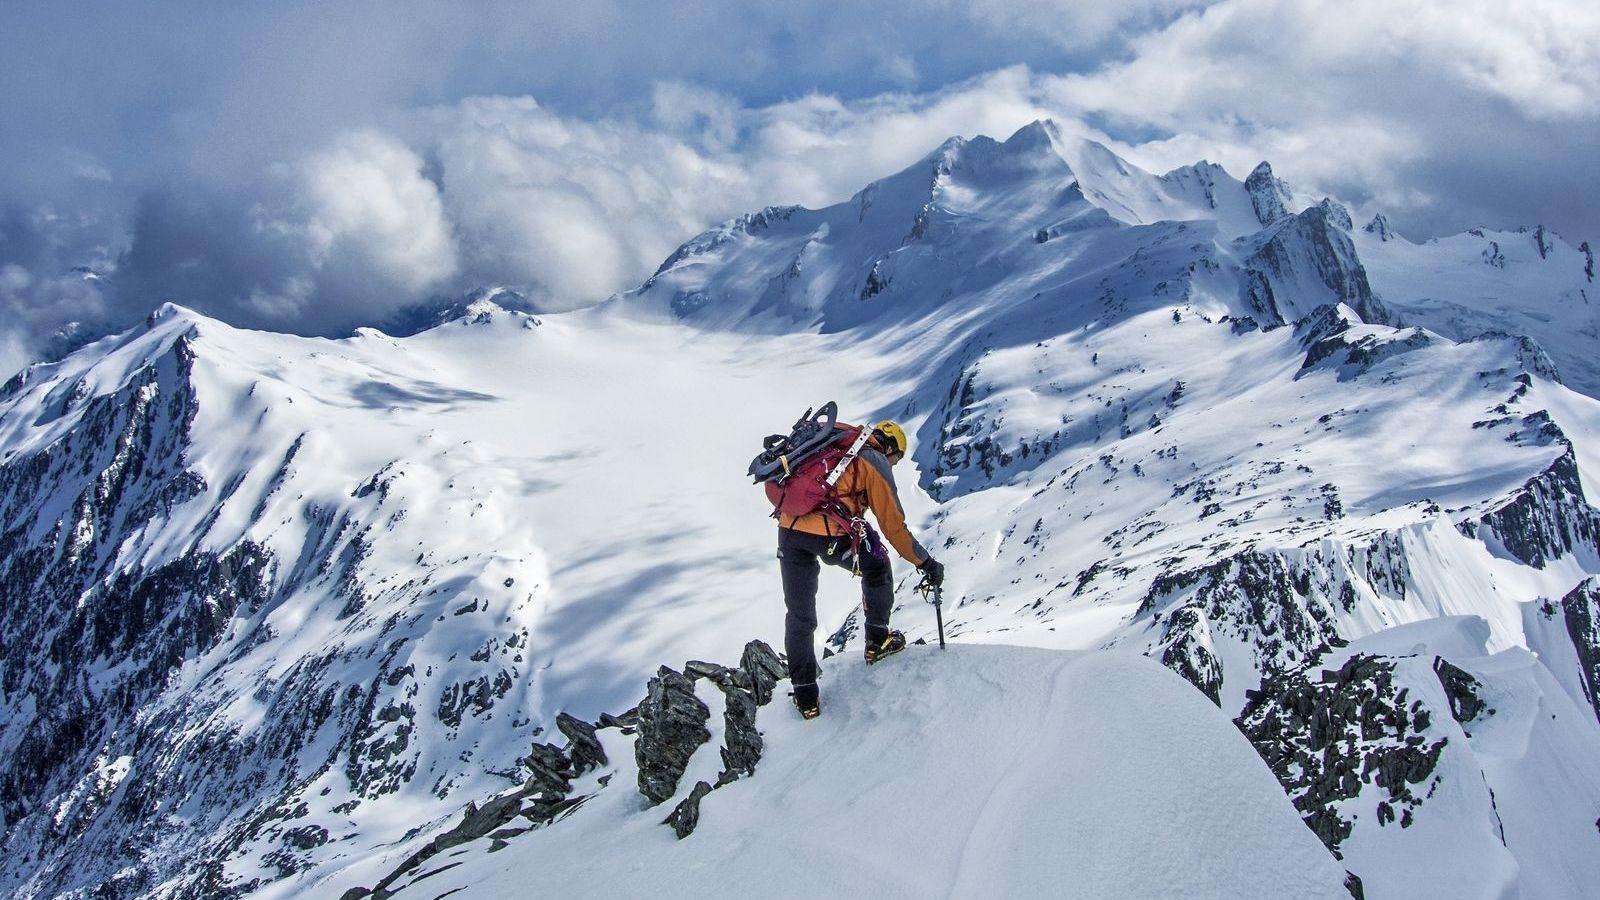 Un grimpeur au sommet du mont Armstrong, la 22e plus haute montagne des Adirondacks.